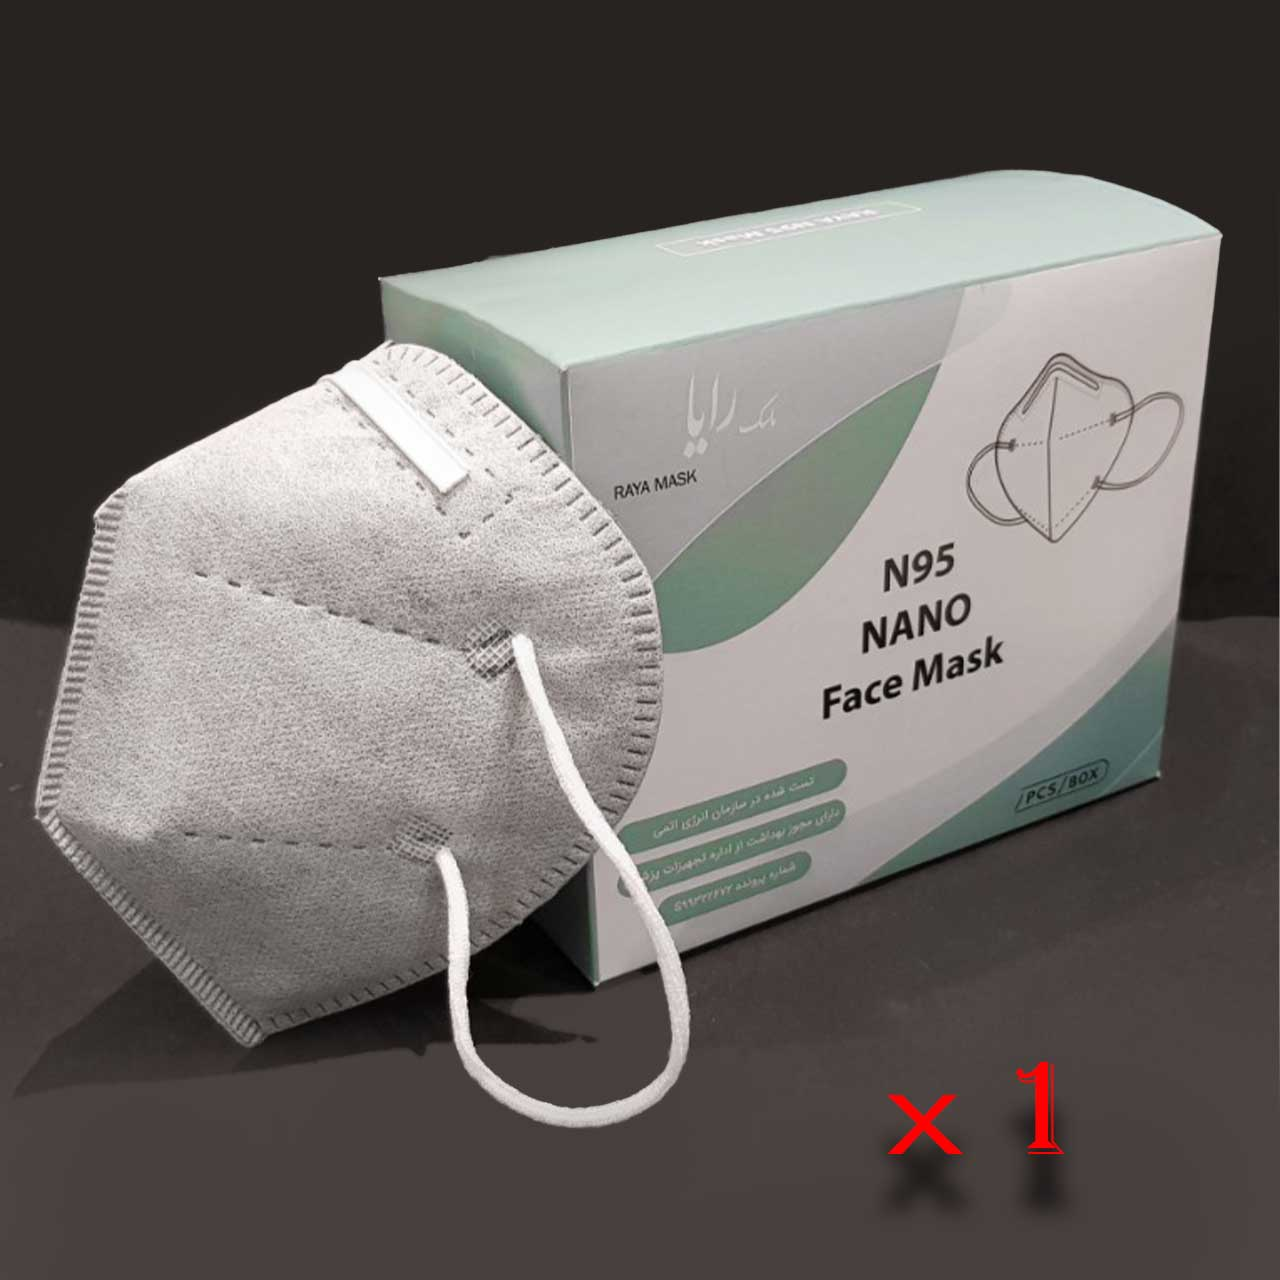 ماسک N95 نانو تمام پرس فیلتردار رایا